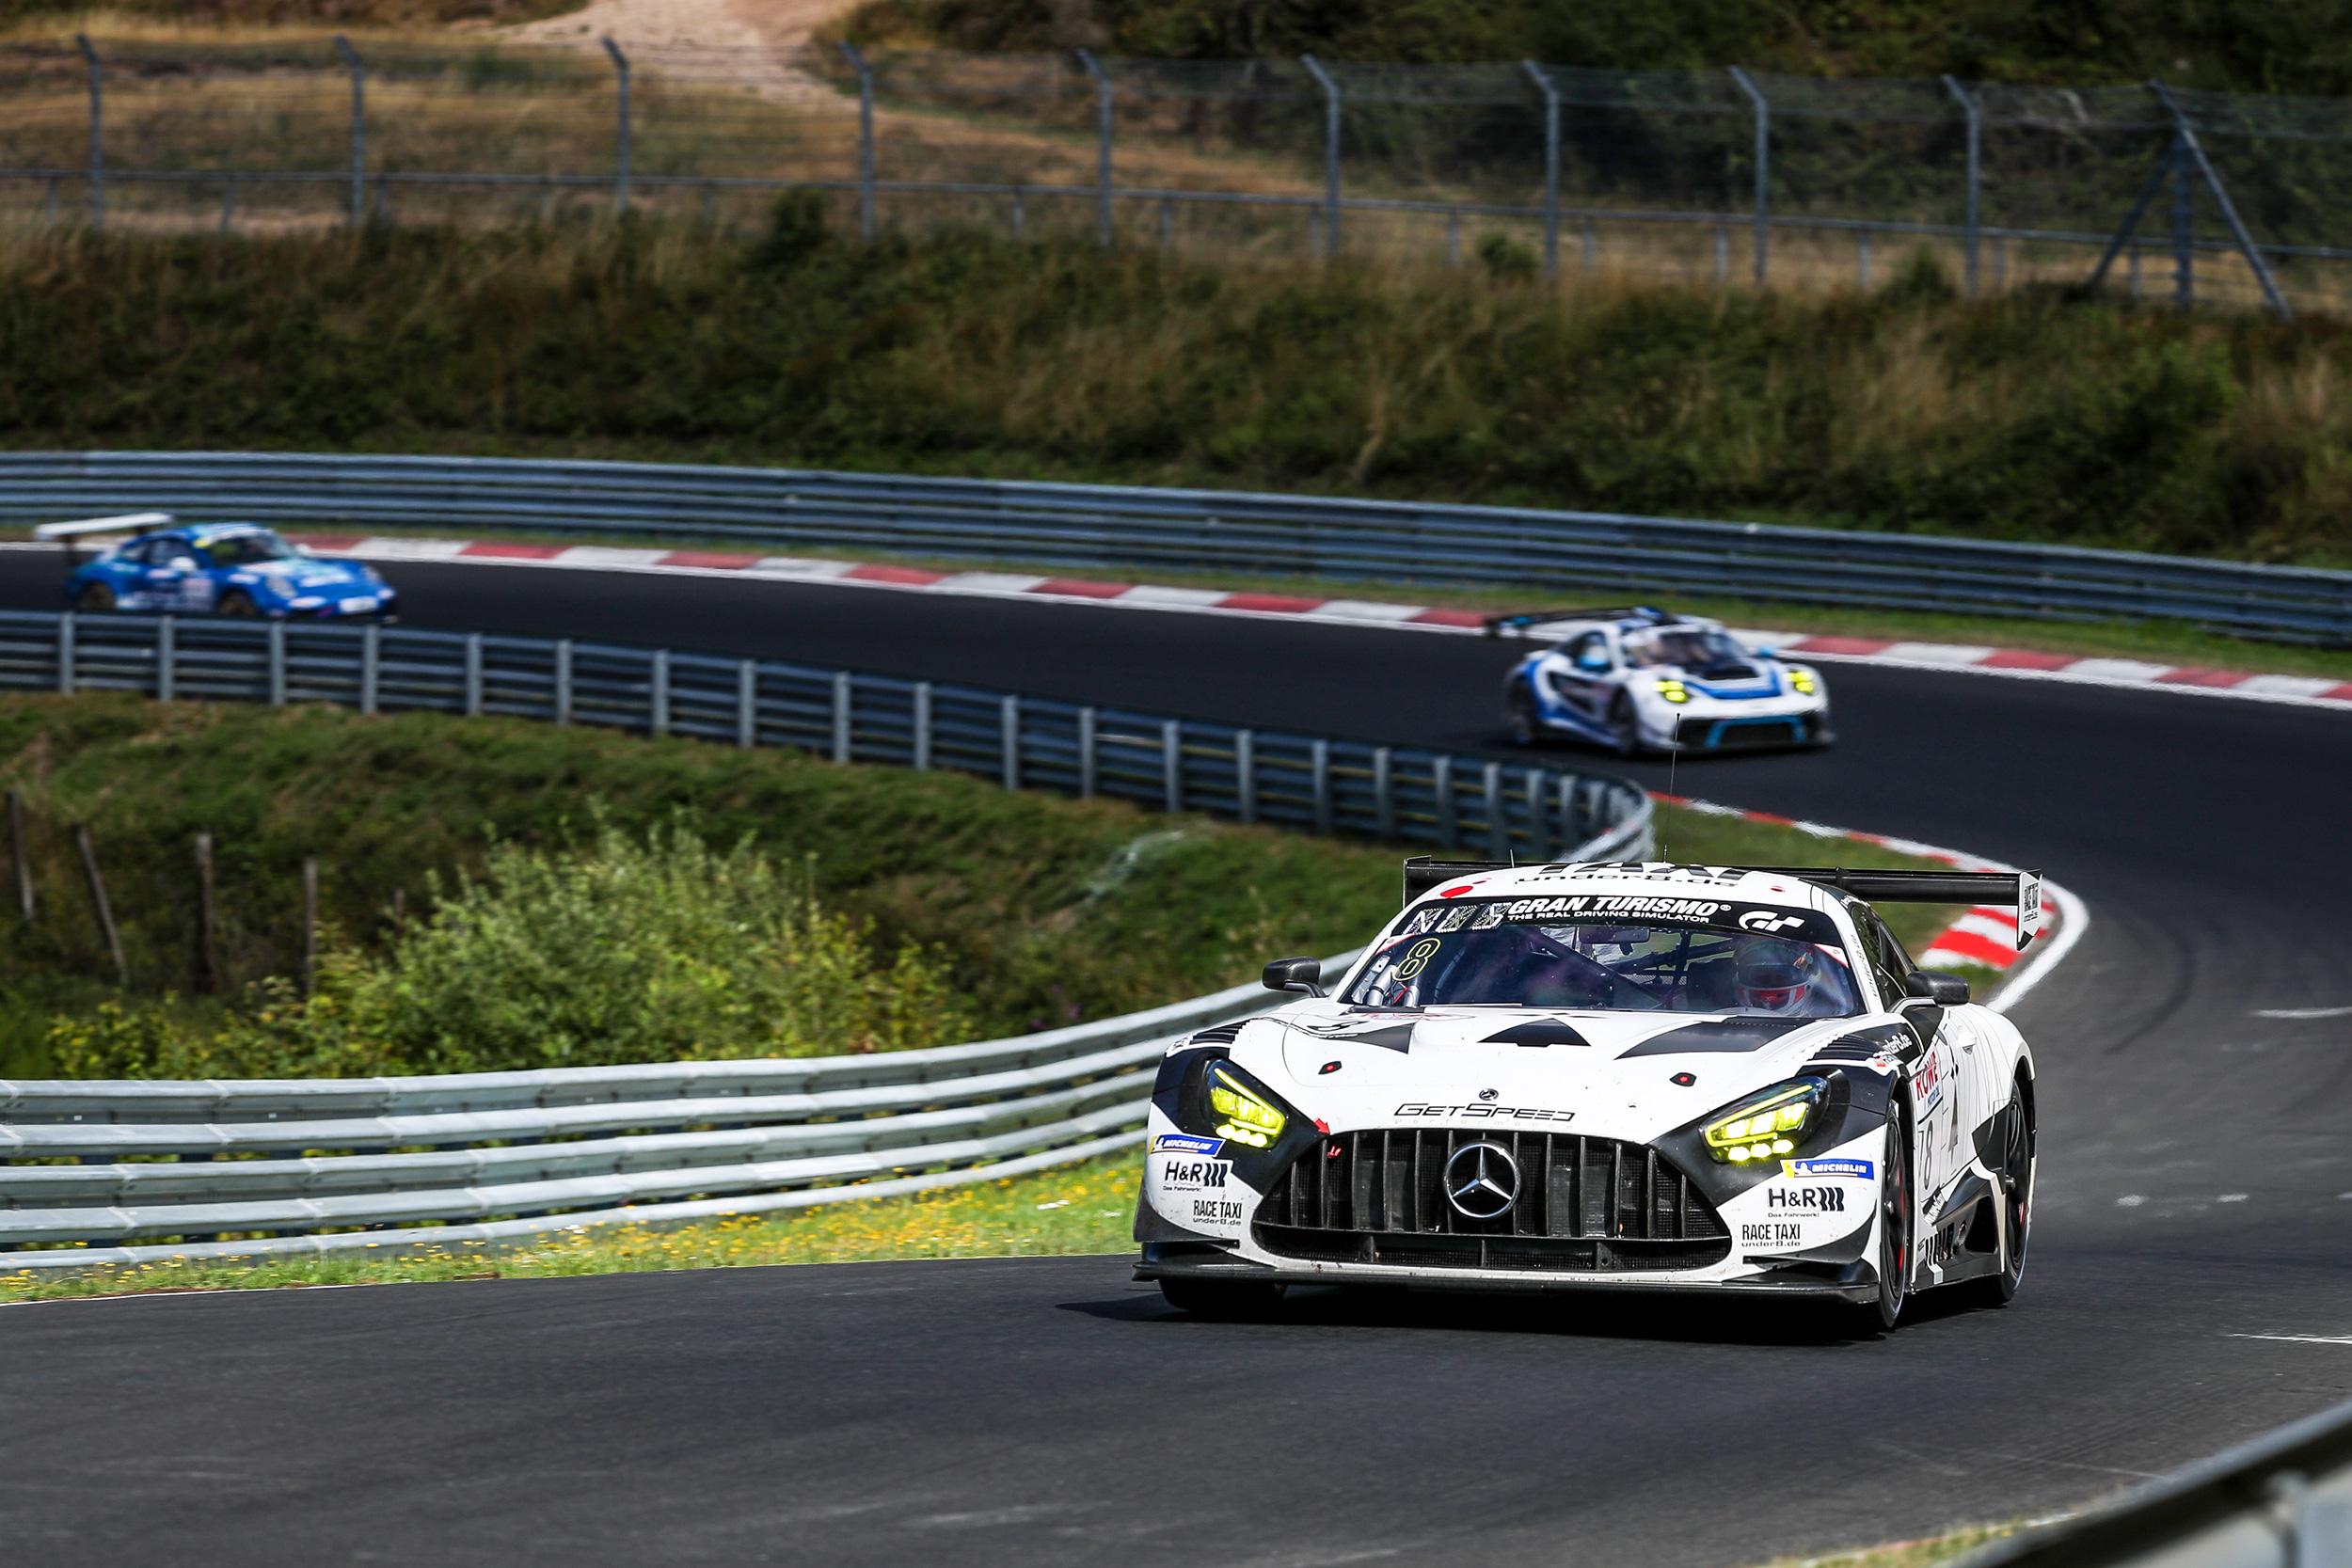 GetSpeed bestes Mercedes-AMG-Team beim NLS-Saisonhöhepunkt